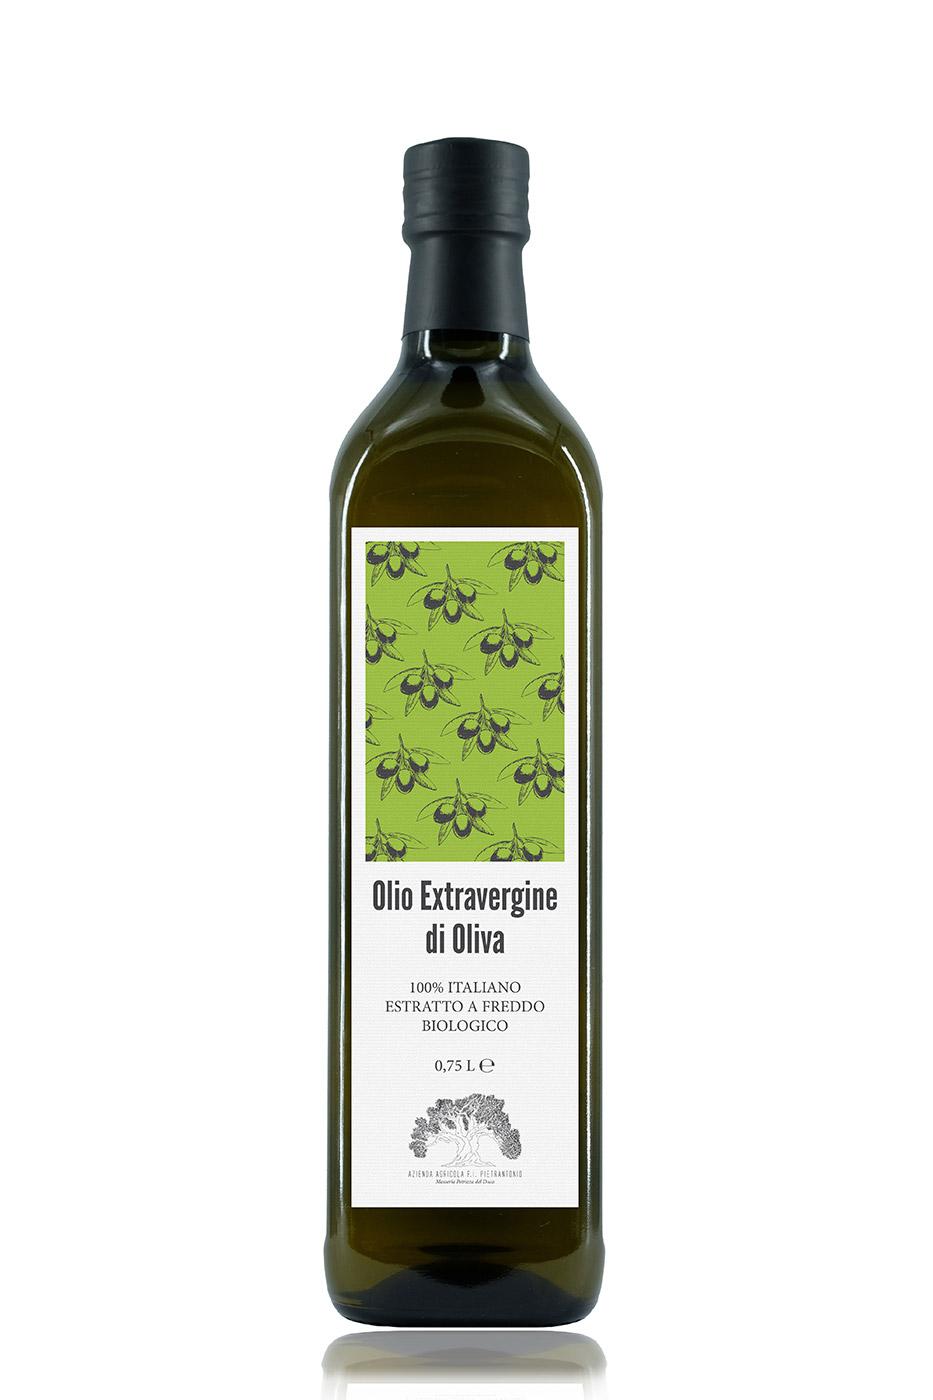 Bottiglia da 0,75 litri  di olio extravergine d'oliva 100% italiano BIOLOGICO – estratto a freddo